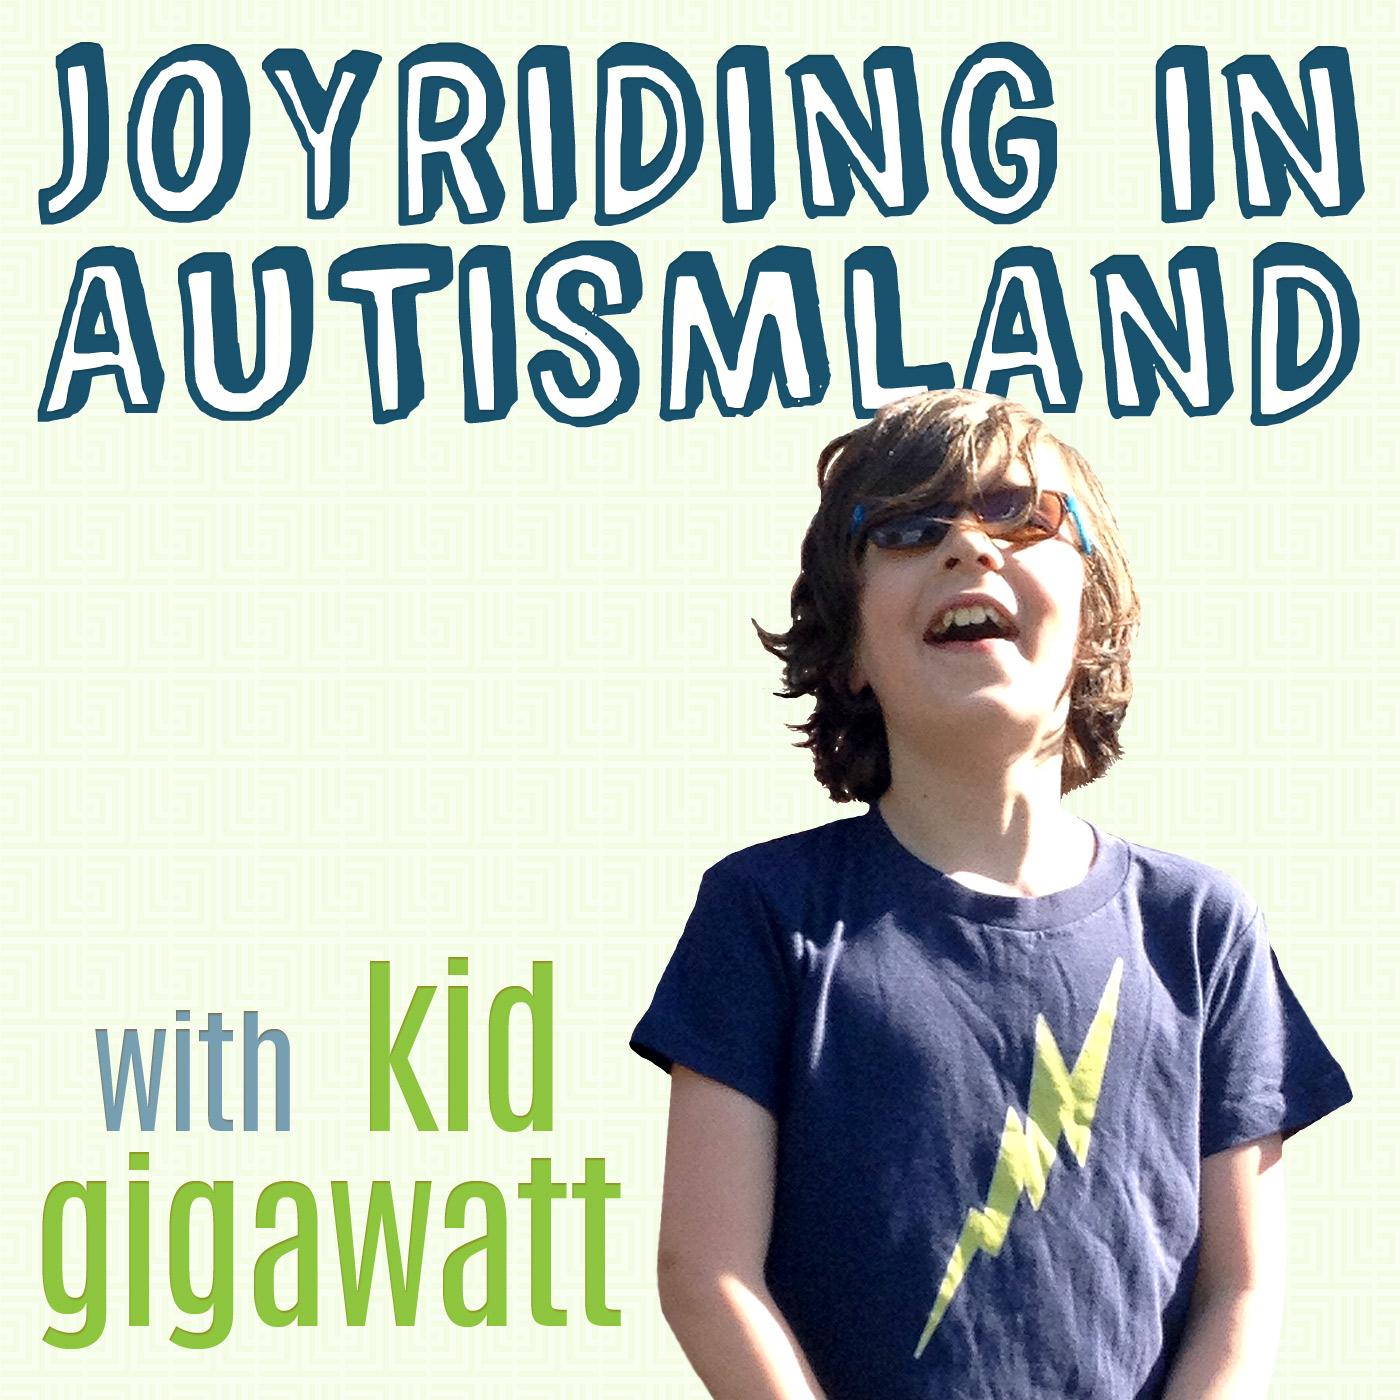 Joyriding In Autismland: Autism Podcast with Kid Gigawatt logo